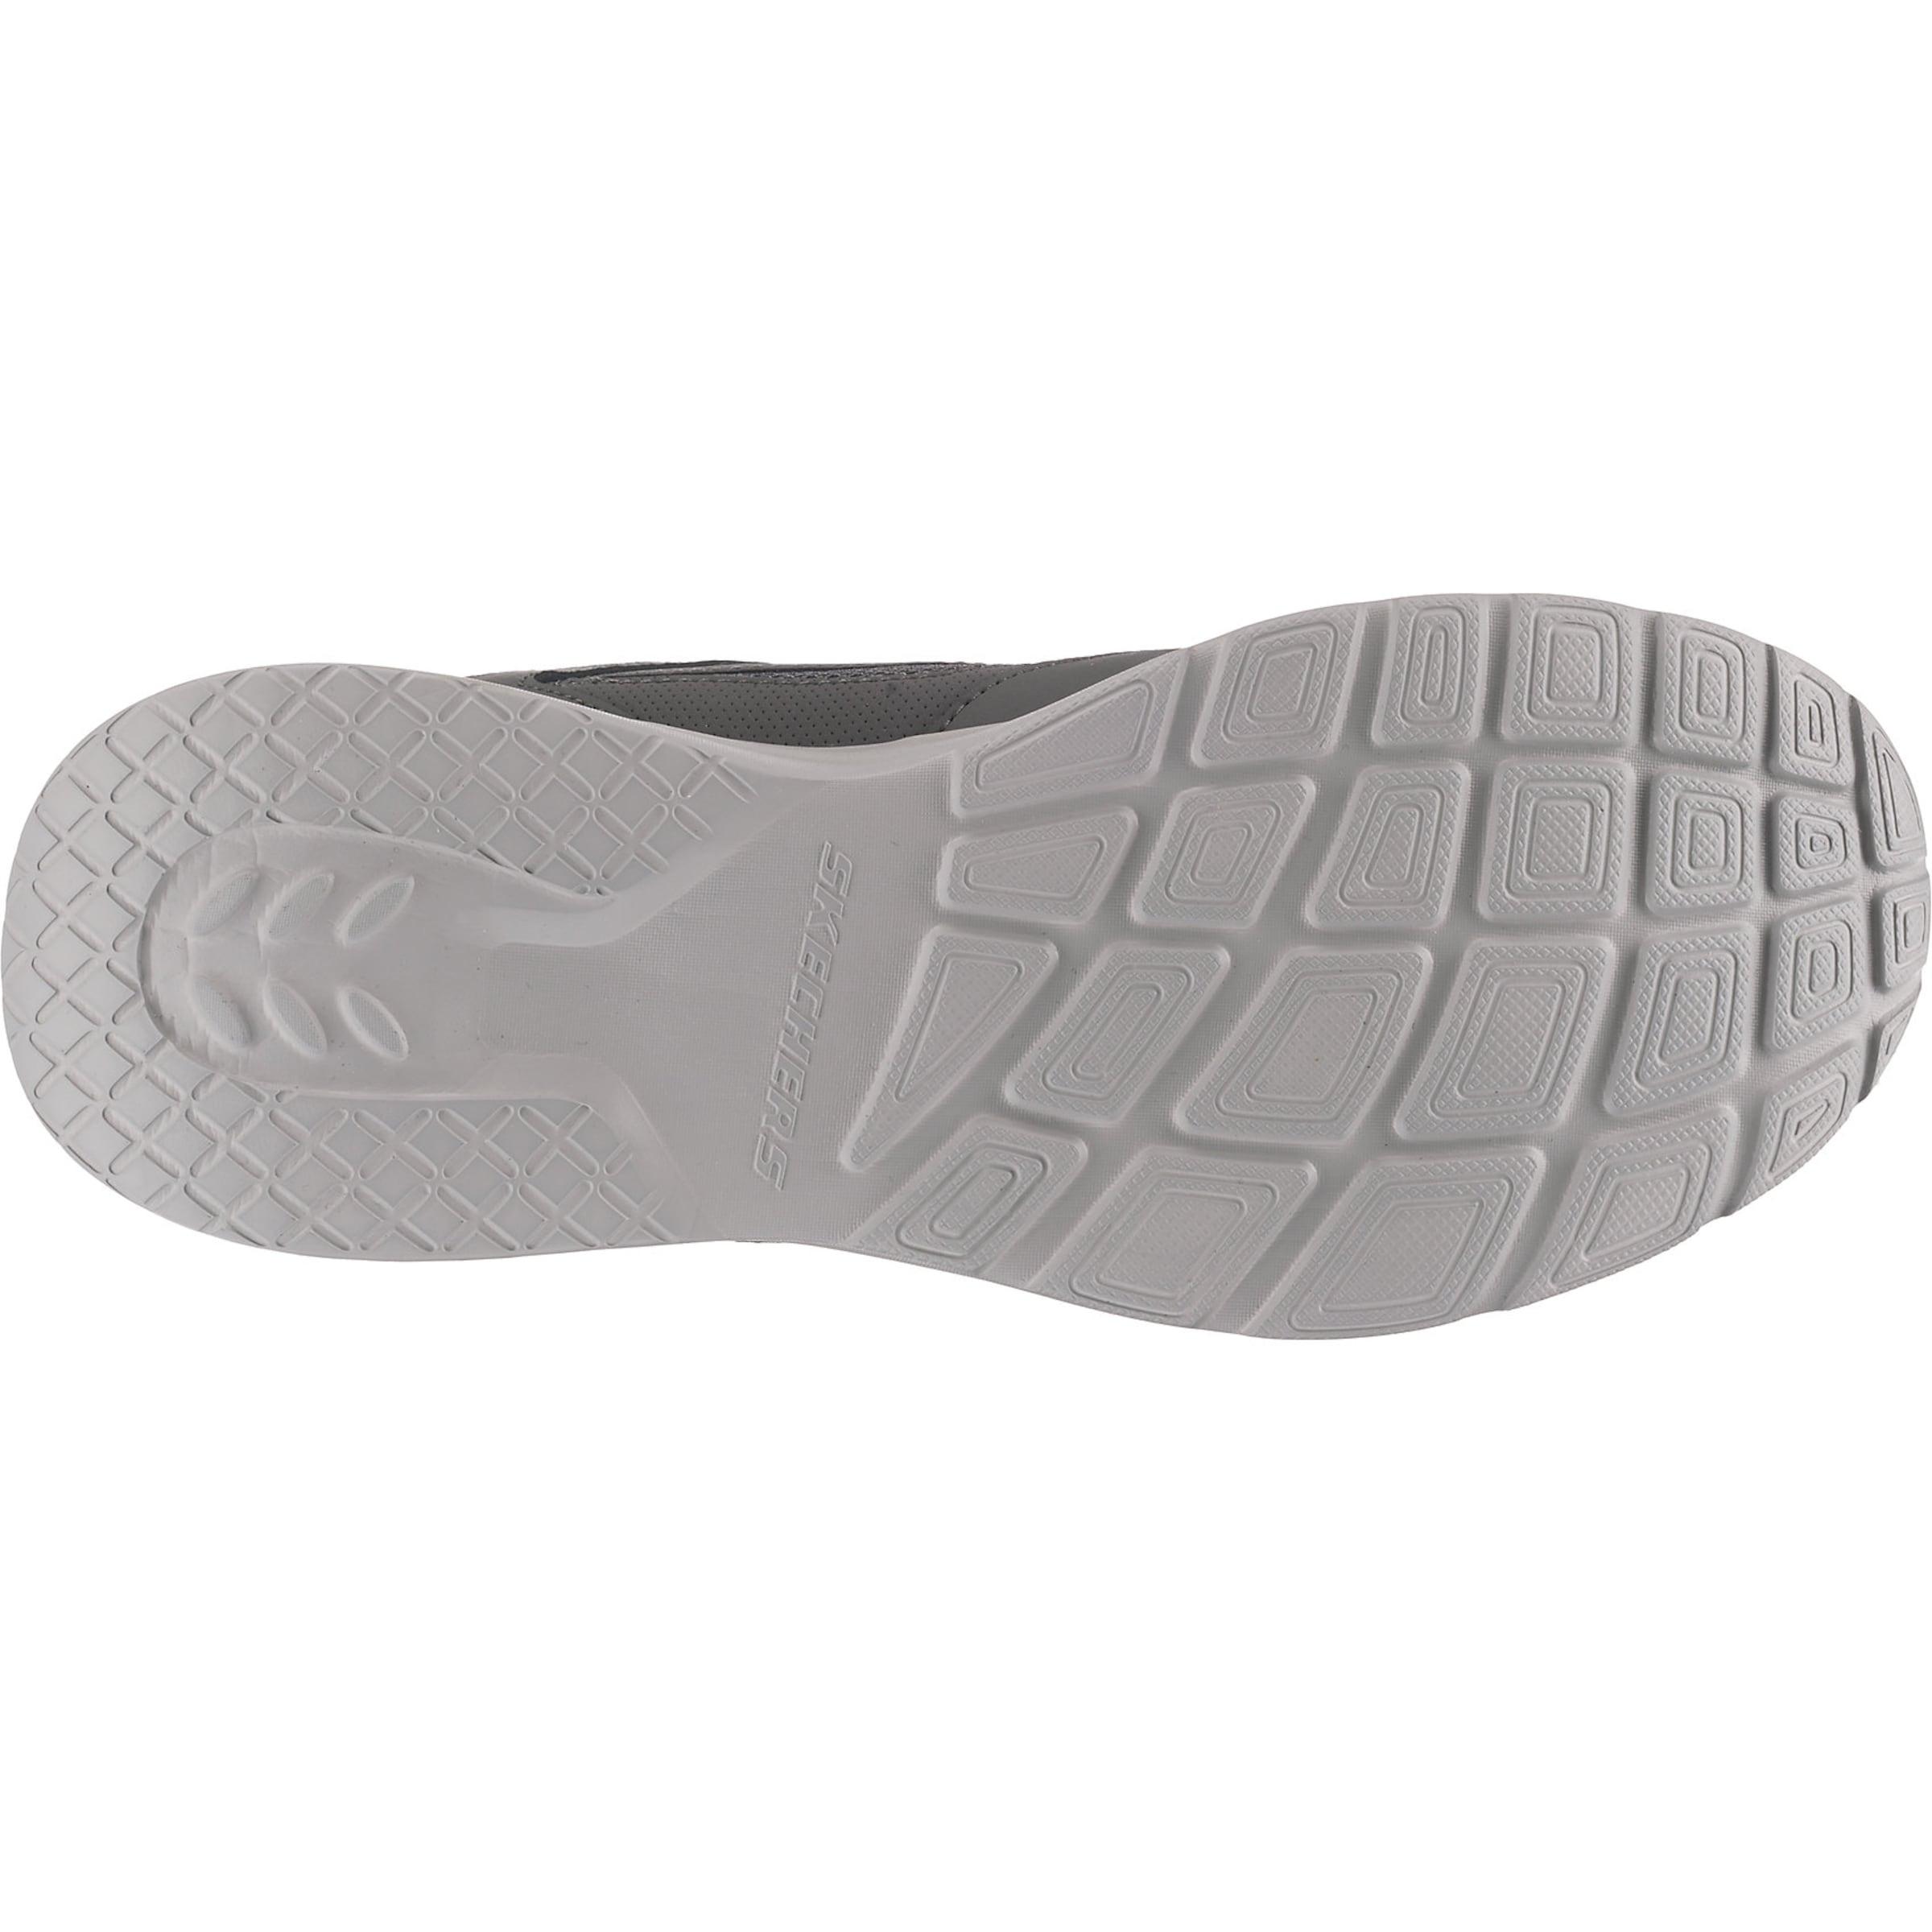 Grau 0 2 Skechers In Fallford' Sneakers 'dynamight TkuwOXPZi